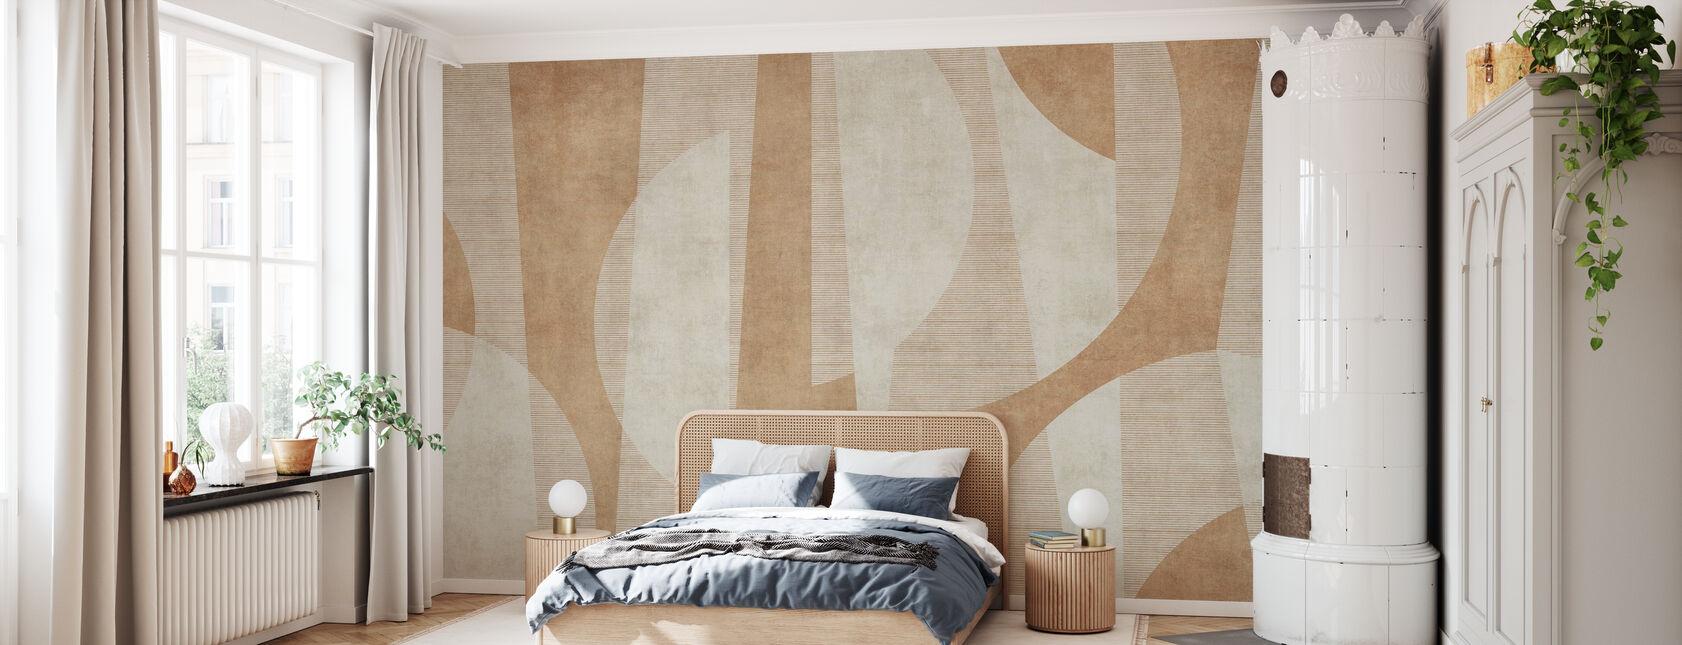 Ipanema Beach - Rust - Wallpaper - Bedroom